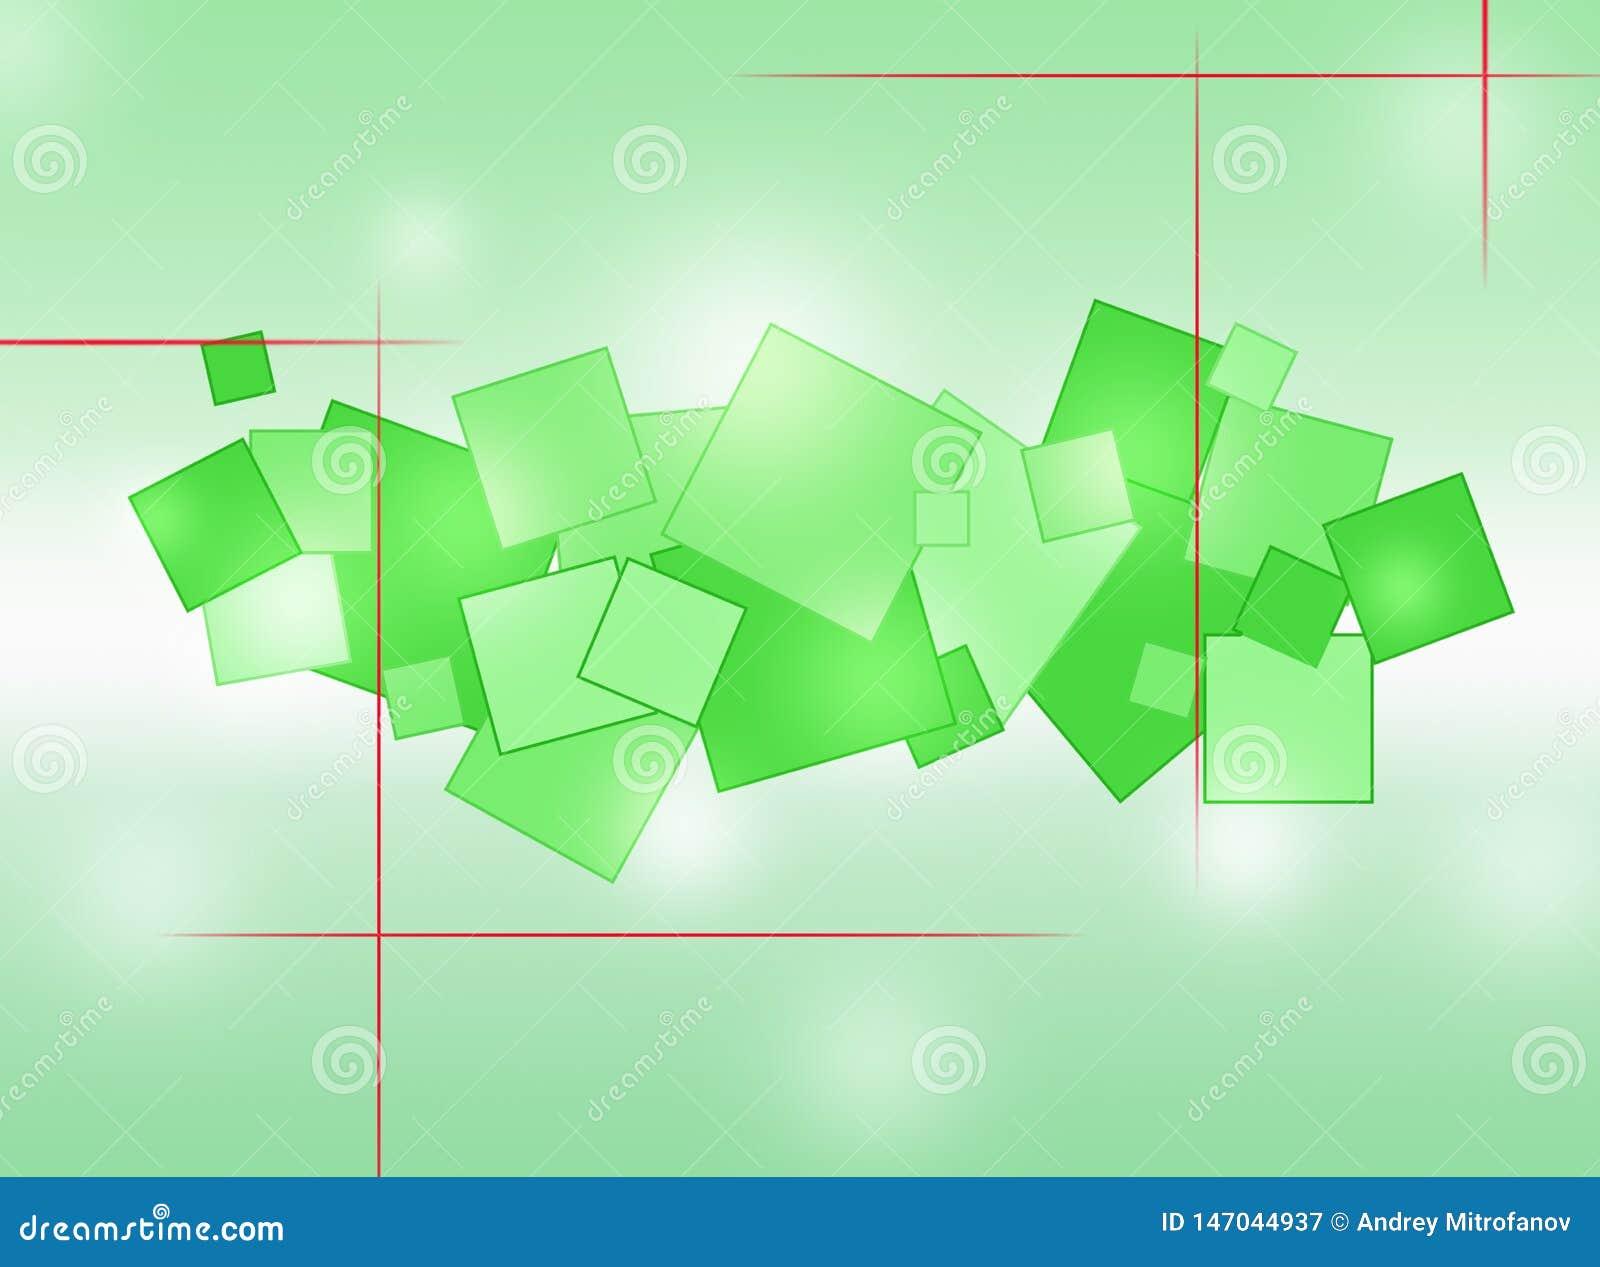 Hintergrund Abstraktion mit farbigen Kreisen